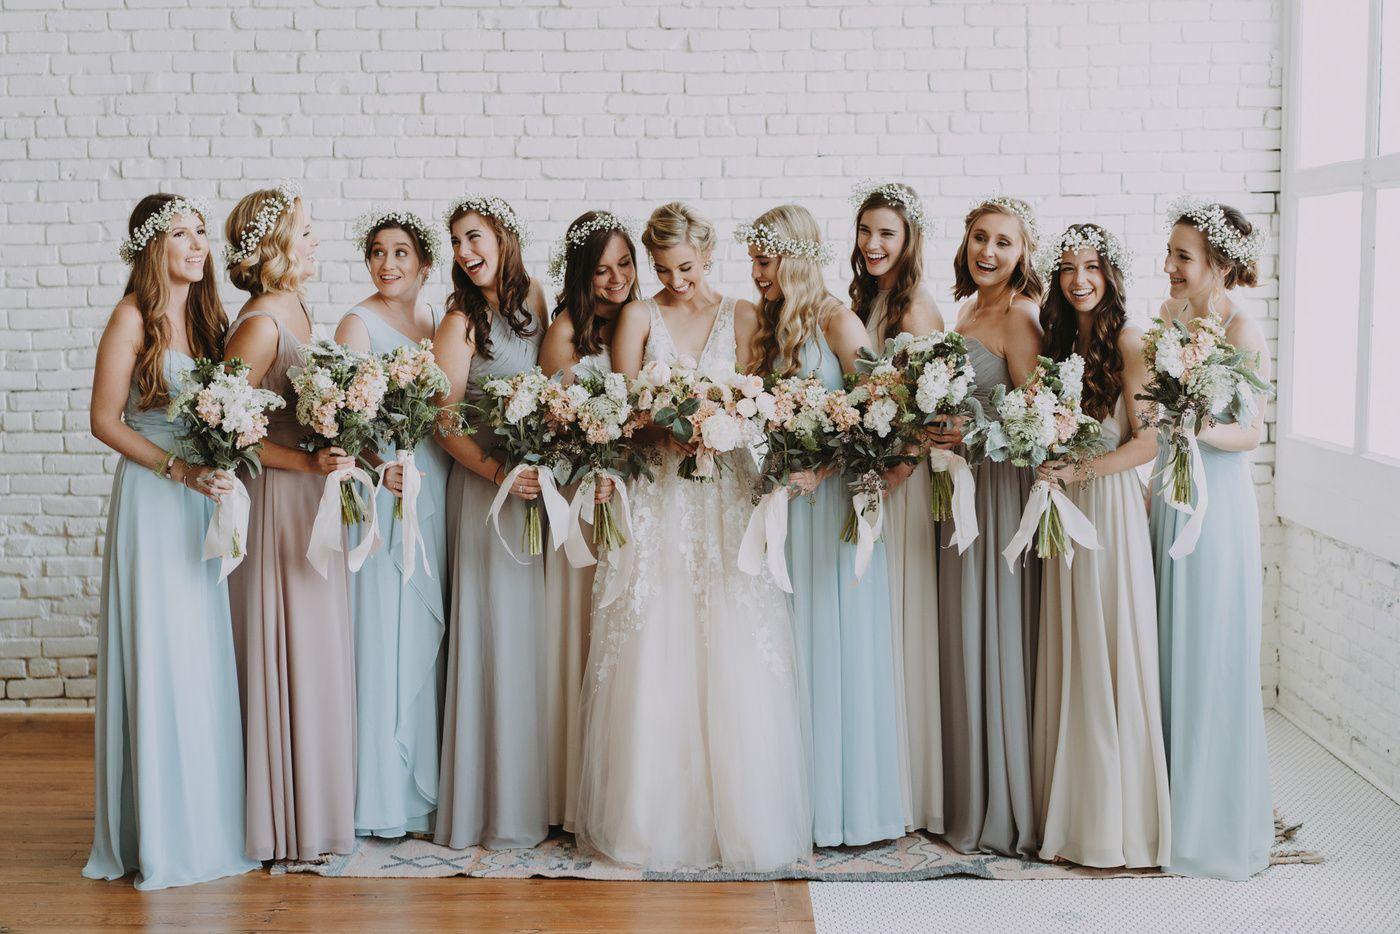 Katie Collin S Wedding One Eleven East Urban Venue Multicolor Bridesmaids Dresses Bhldn